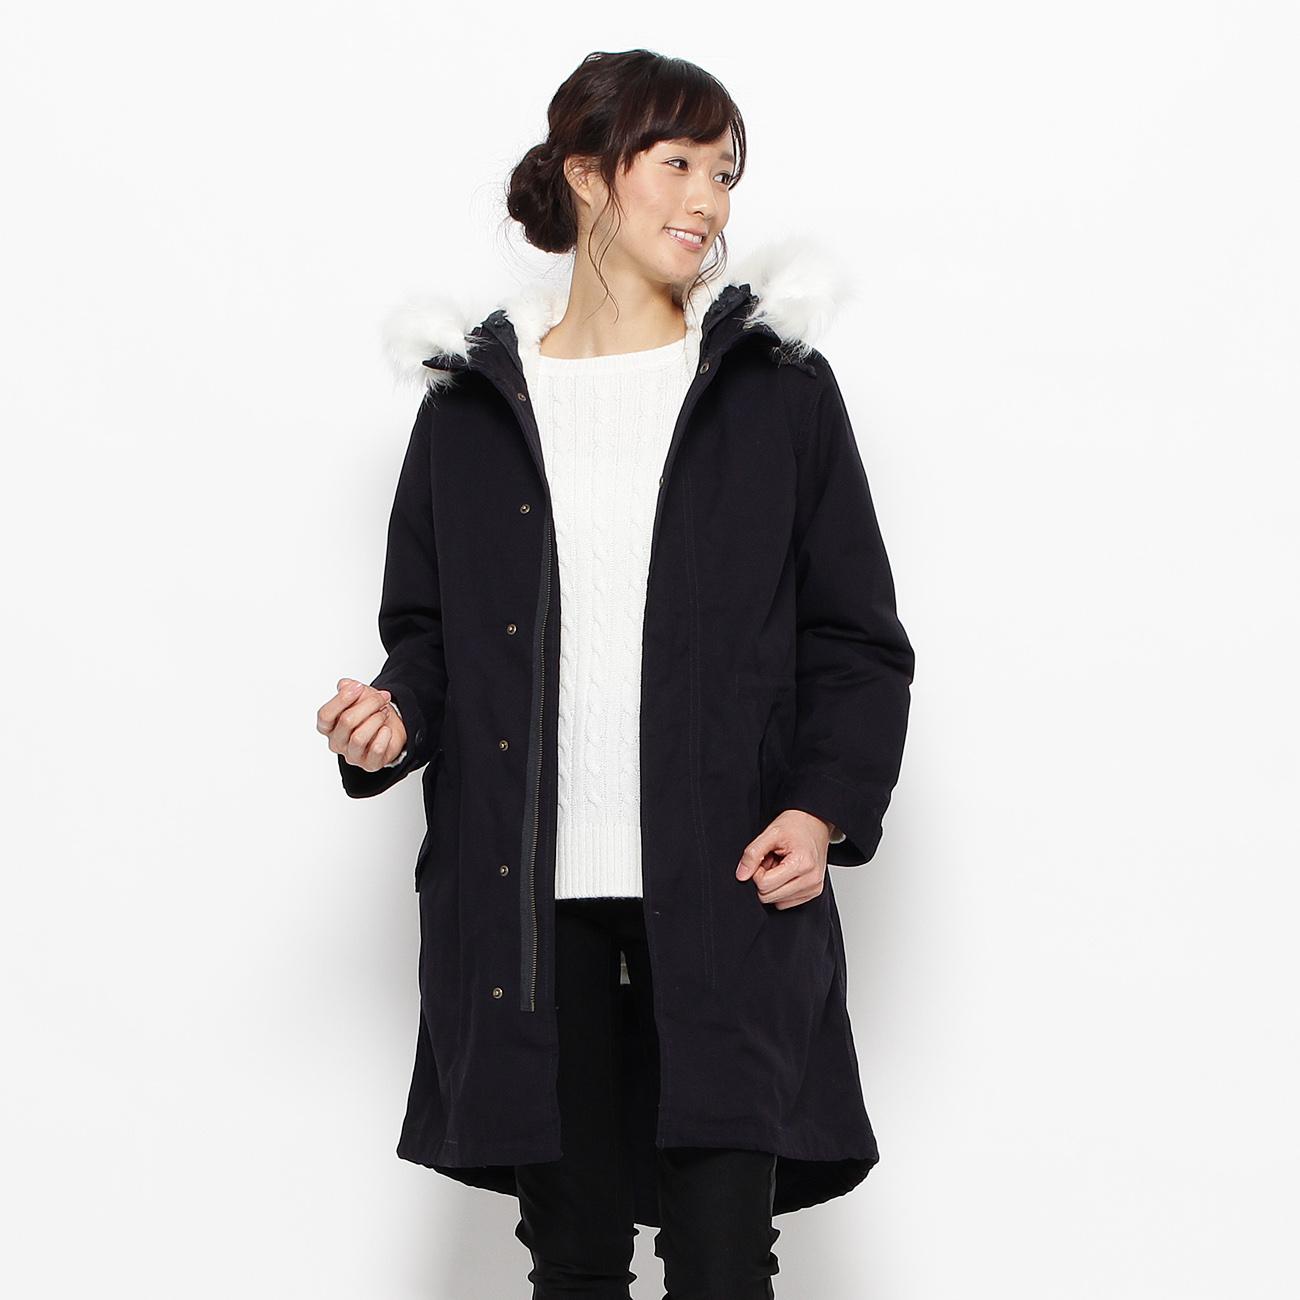 【3can4on(Ladies) (サンカンシオン)】モッズコートレディース コート モッズ・フィールドコート ブルー系